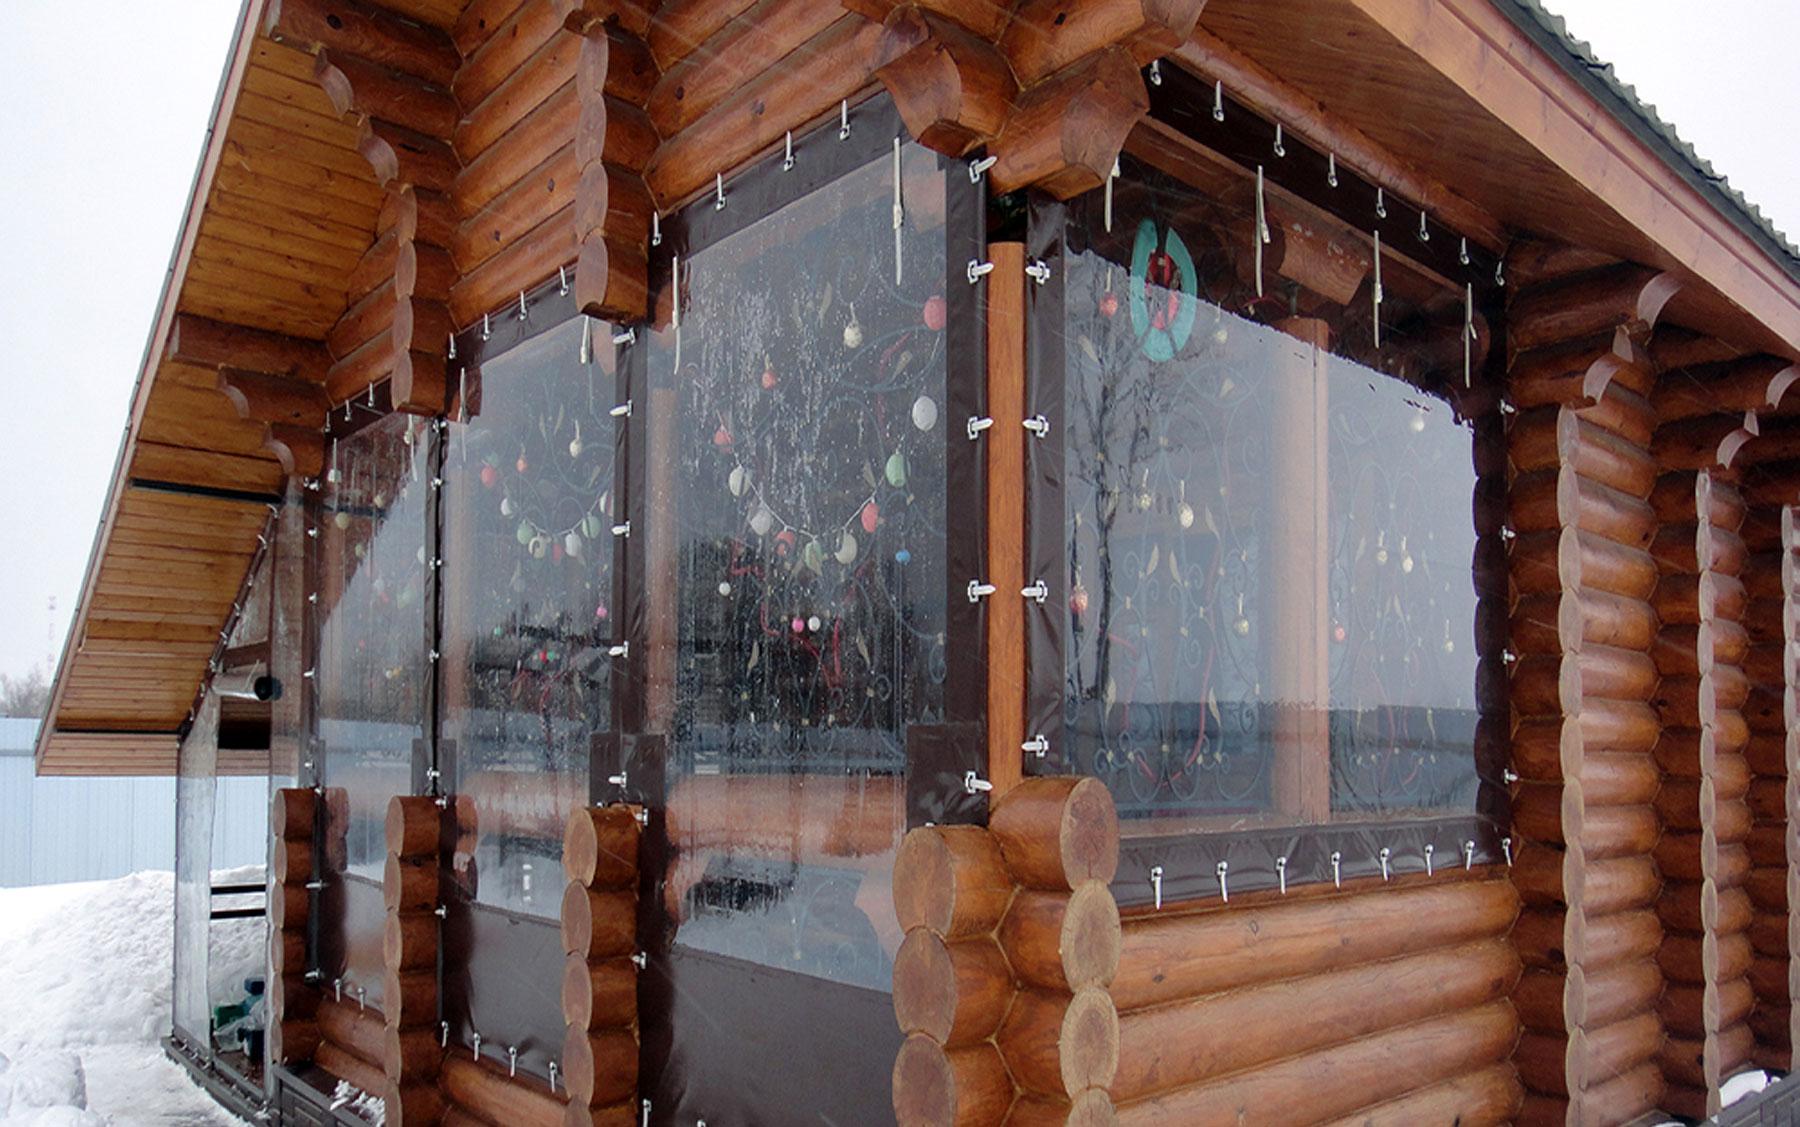 знаменитая бухта шторы для беседки из пвх морозоустойчивые фото можно весело